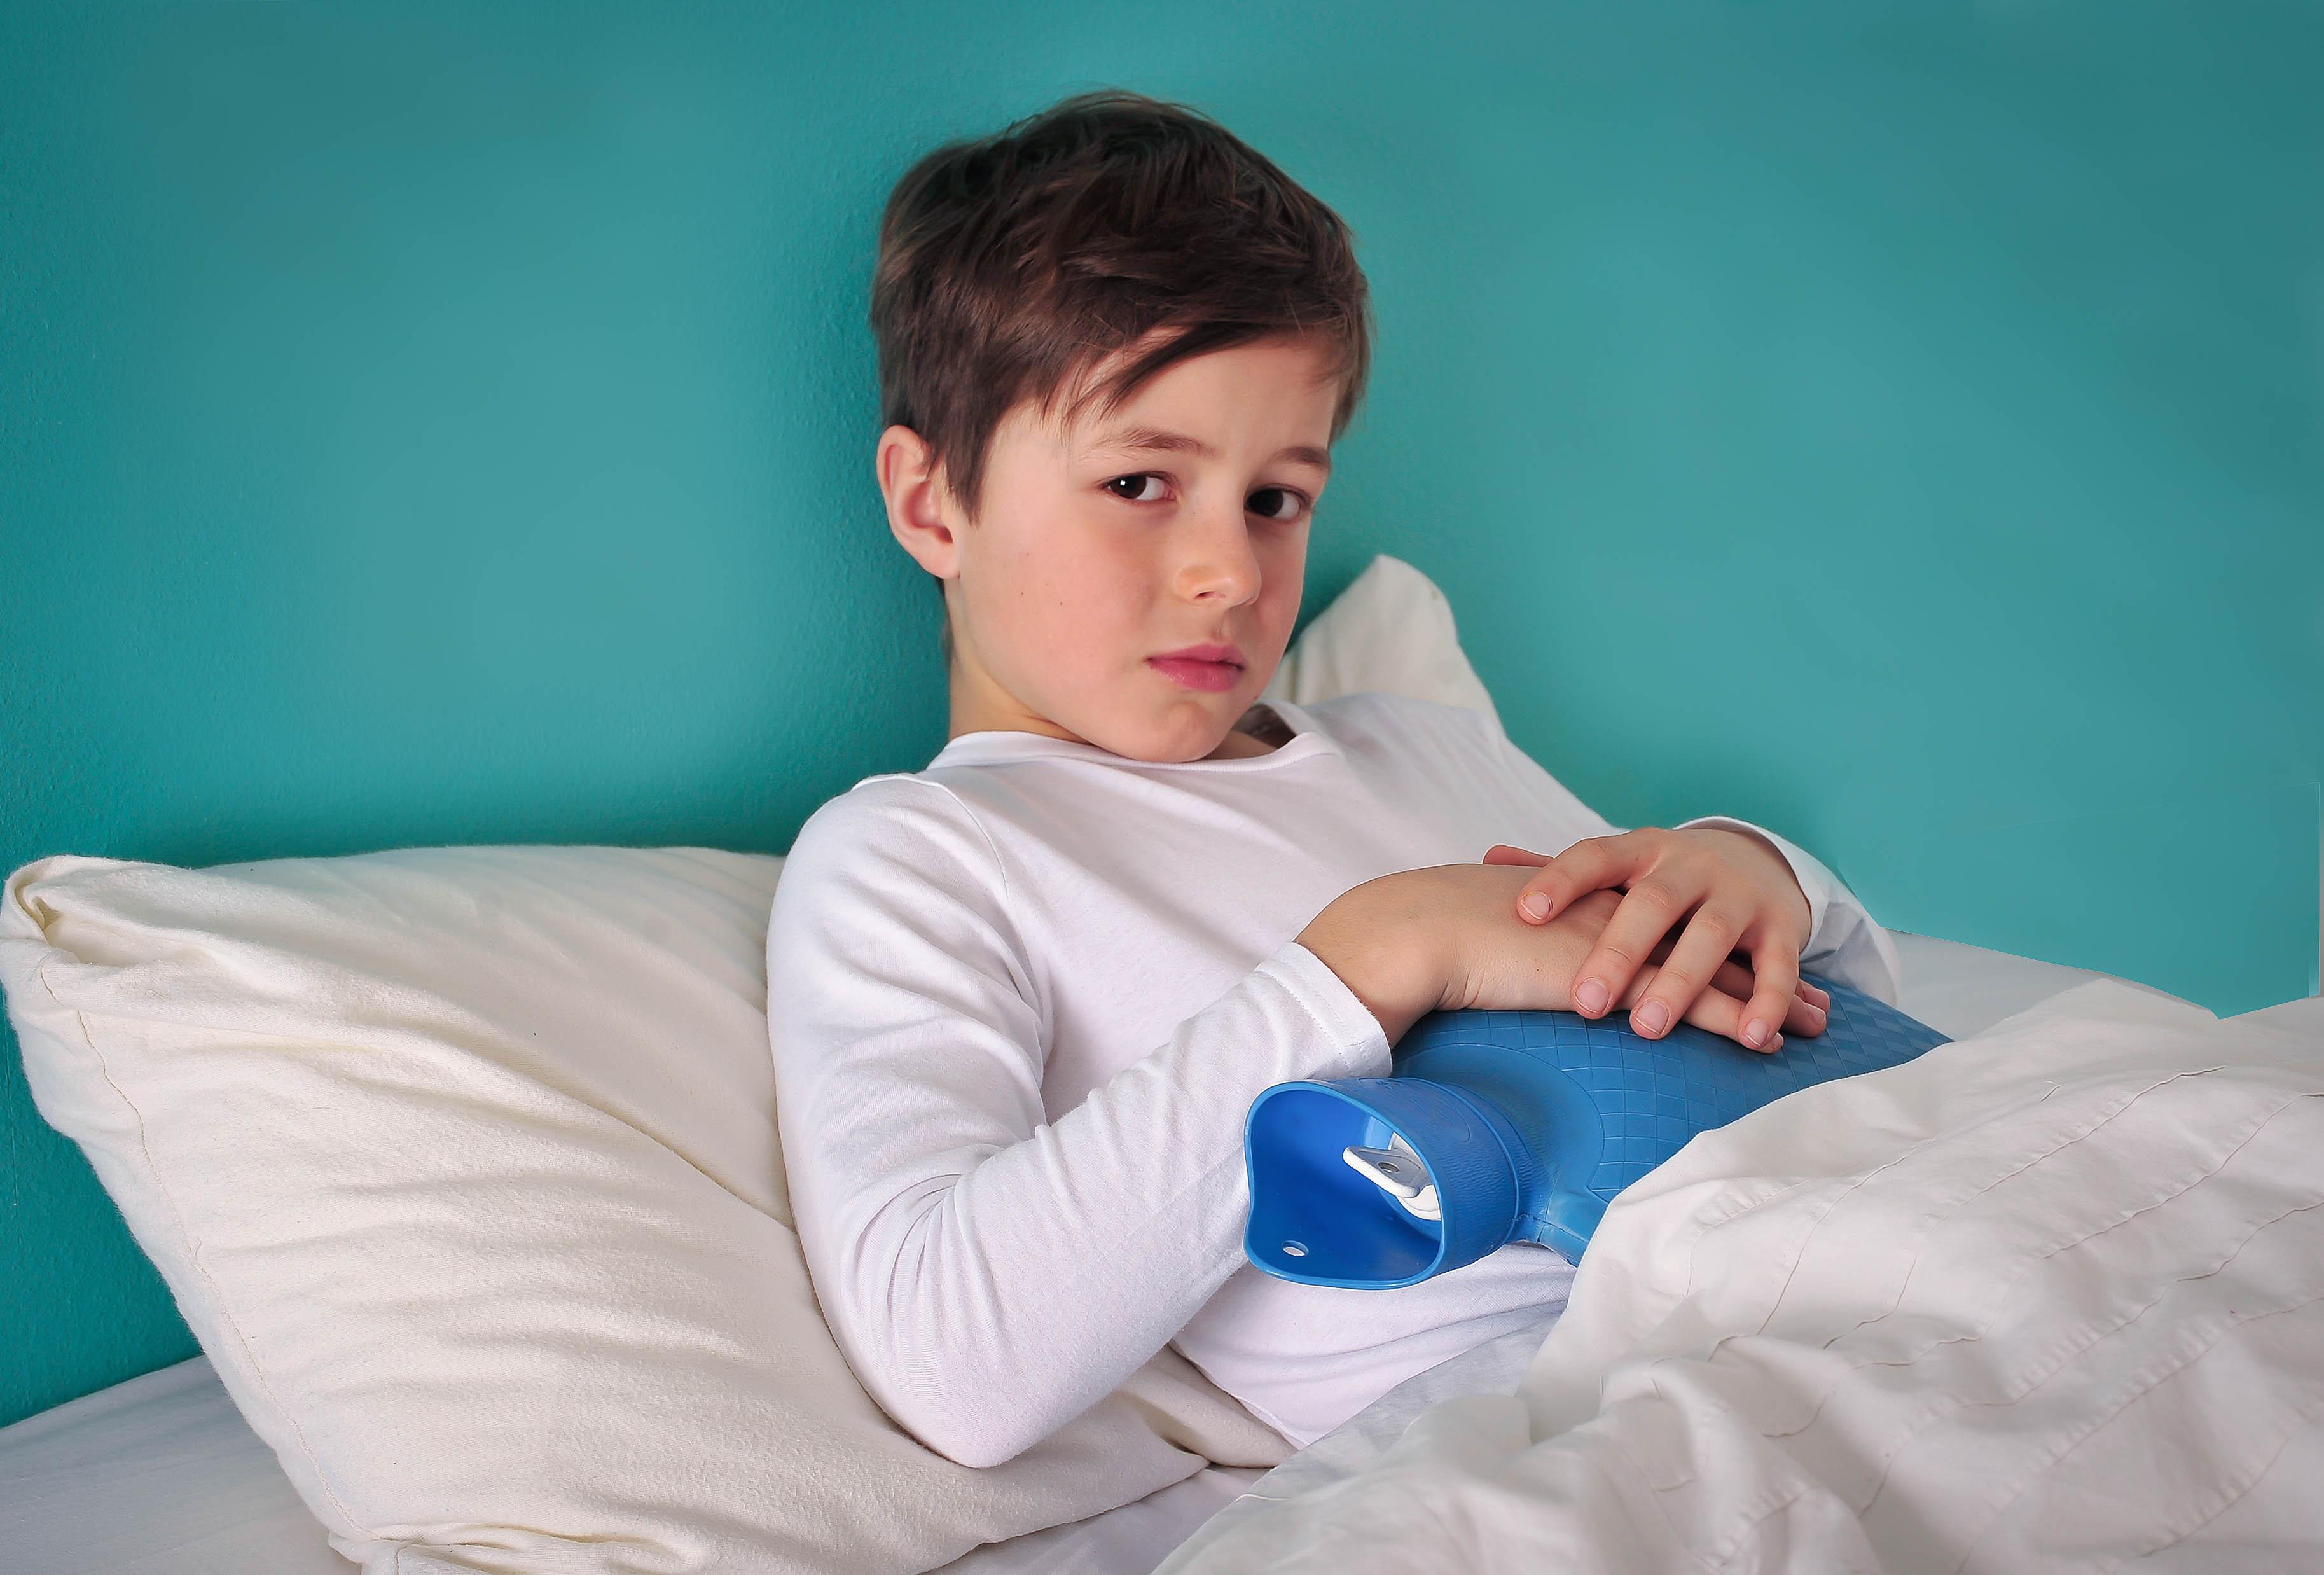 kopfschmerzen übelkeit durchfall bauchschmerzen